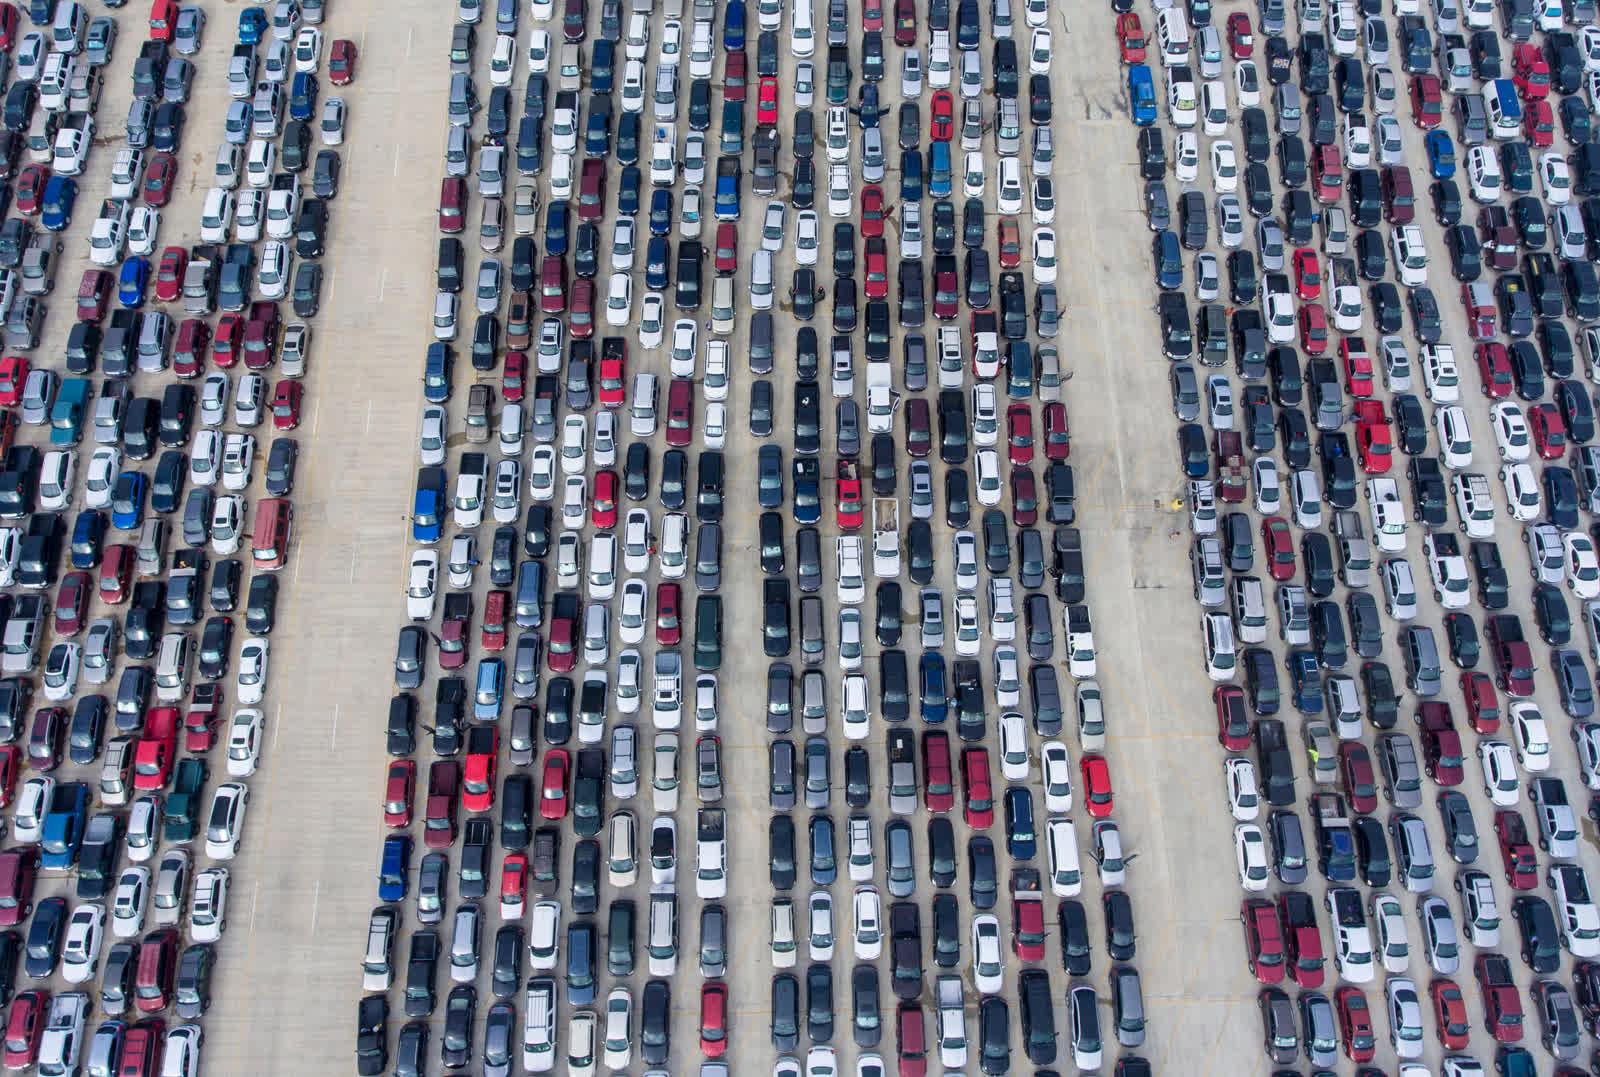 4 дүгээр сарын 9. Сан Антонио хотын авто зогсоол. Хүнсний сангаас хоол тарааж эхлэхийг автомашиндаа хүлээж буй хүмүүс... Коронавируснийцартахлын улмаас сая сая Америкчууд ажилгүй болж, гэр бүлүүд ийнхүү хүнс түгээхийг хүлээх болжээ. /Photo by William Luther/